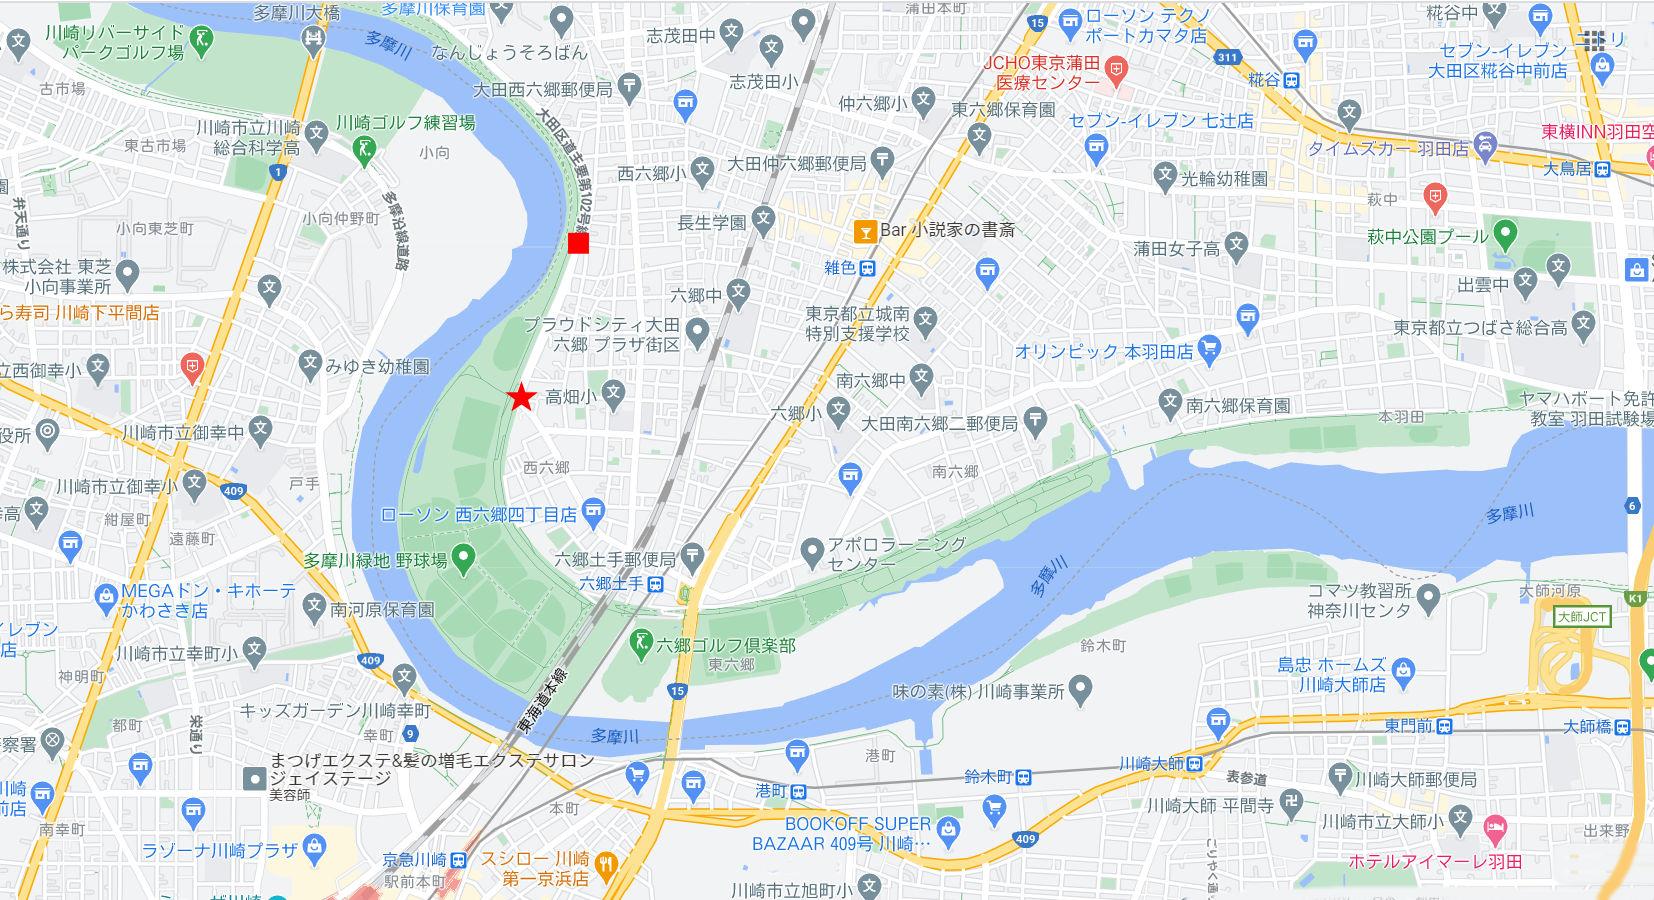 東京都の端っこで優雅なランチ・六郷土手2020秋-1002